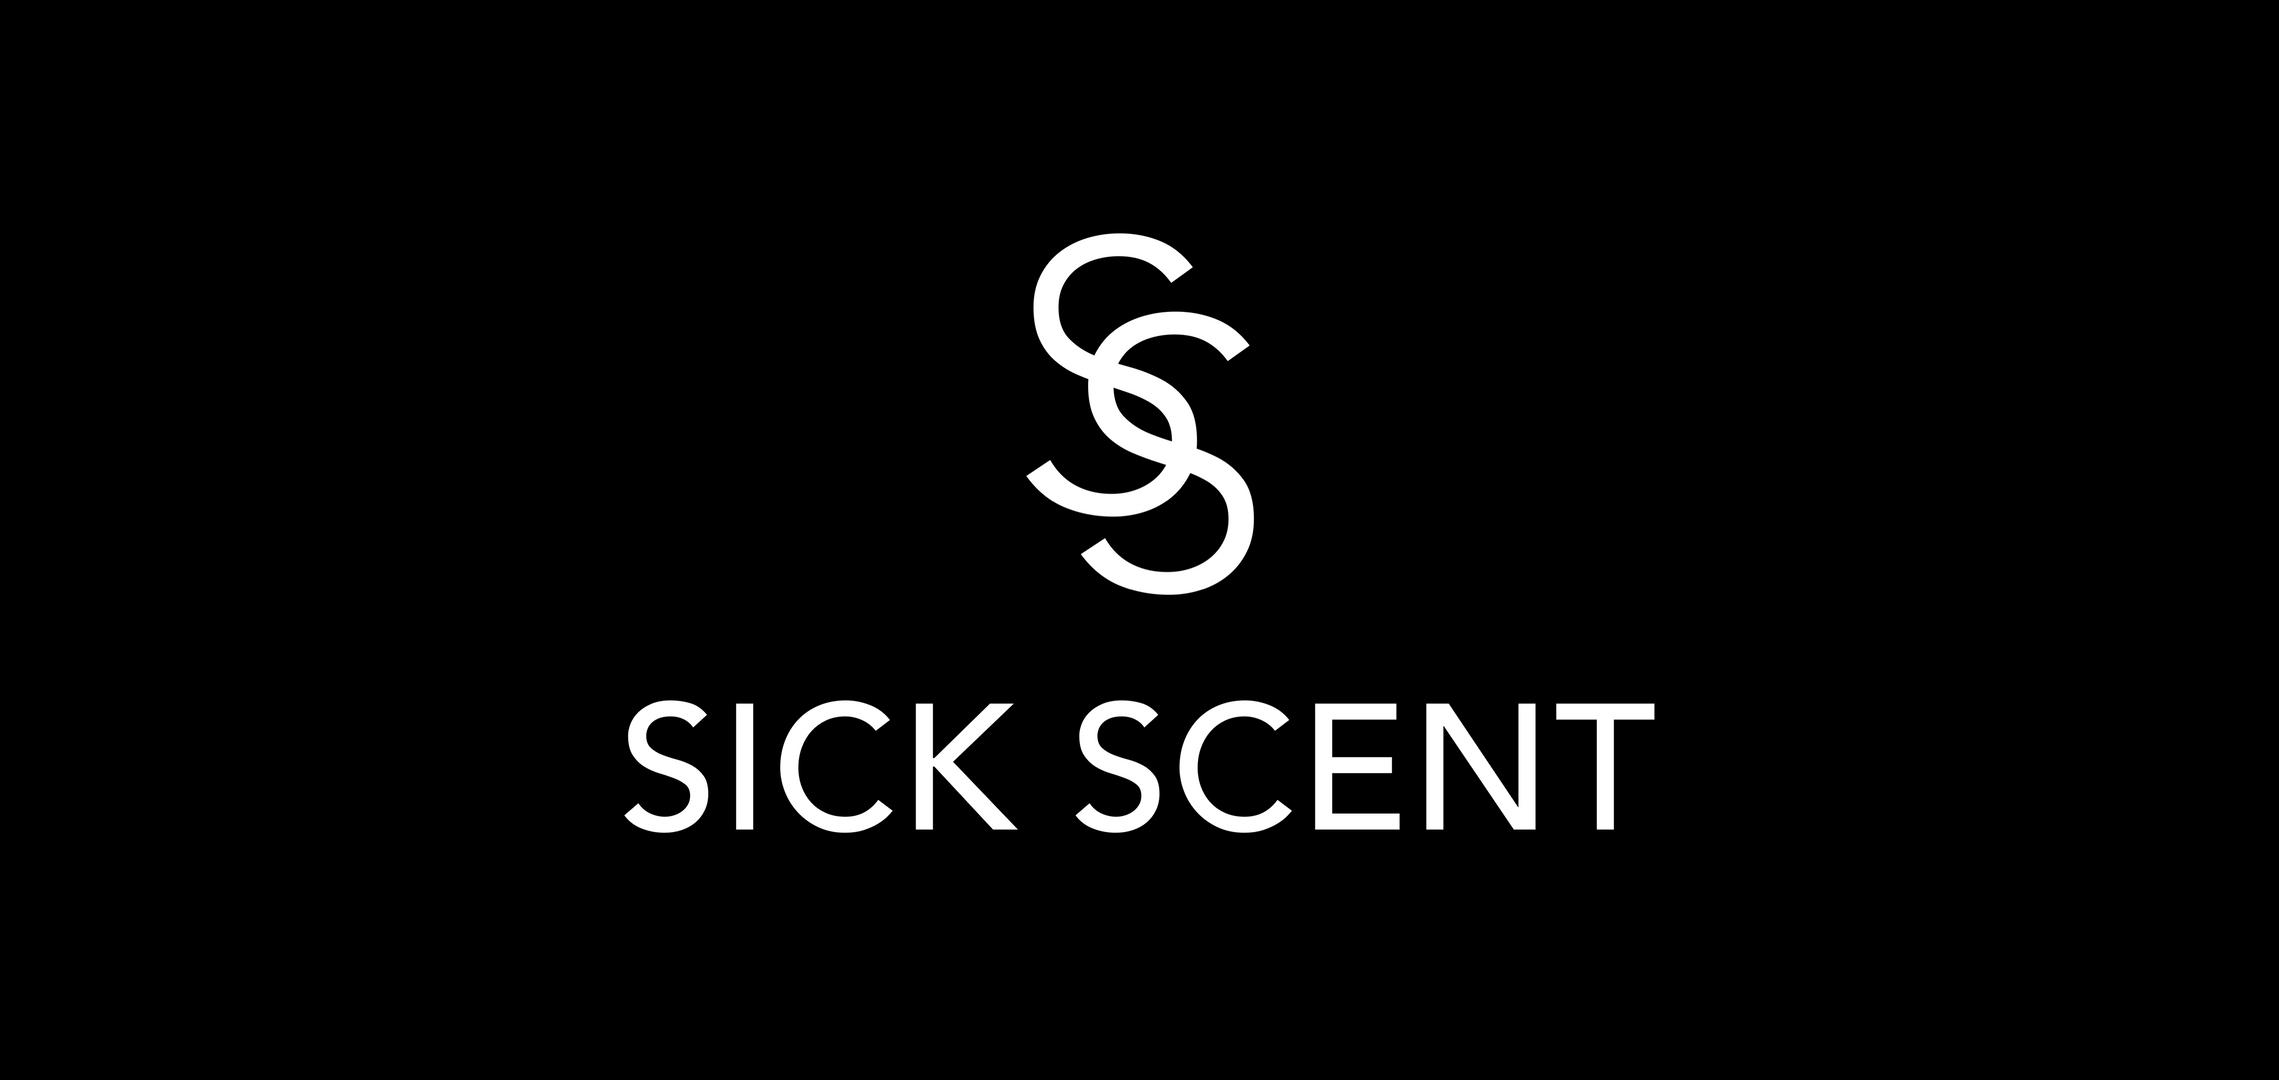 Sick scent.png